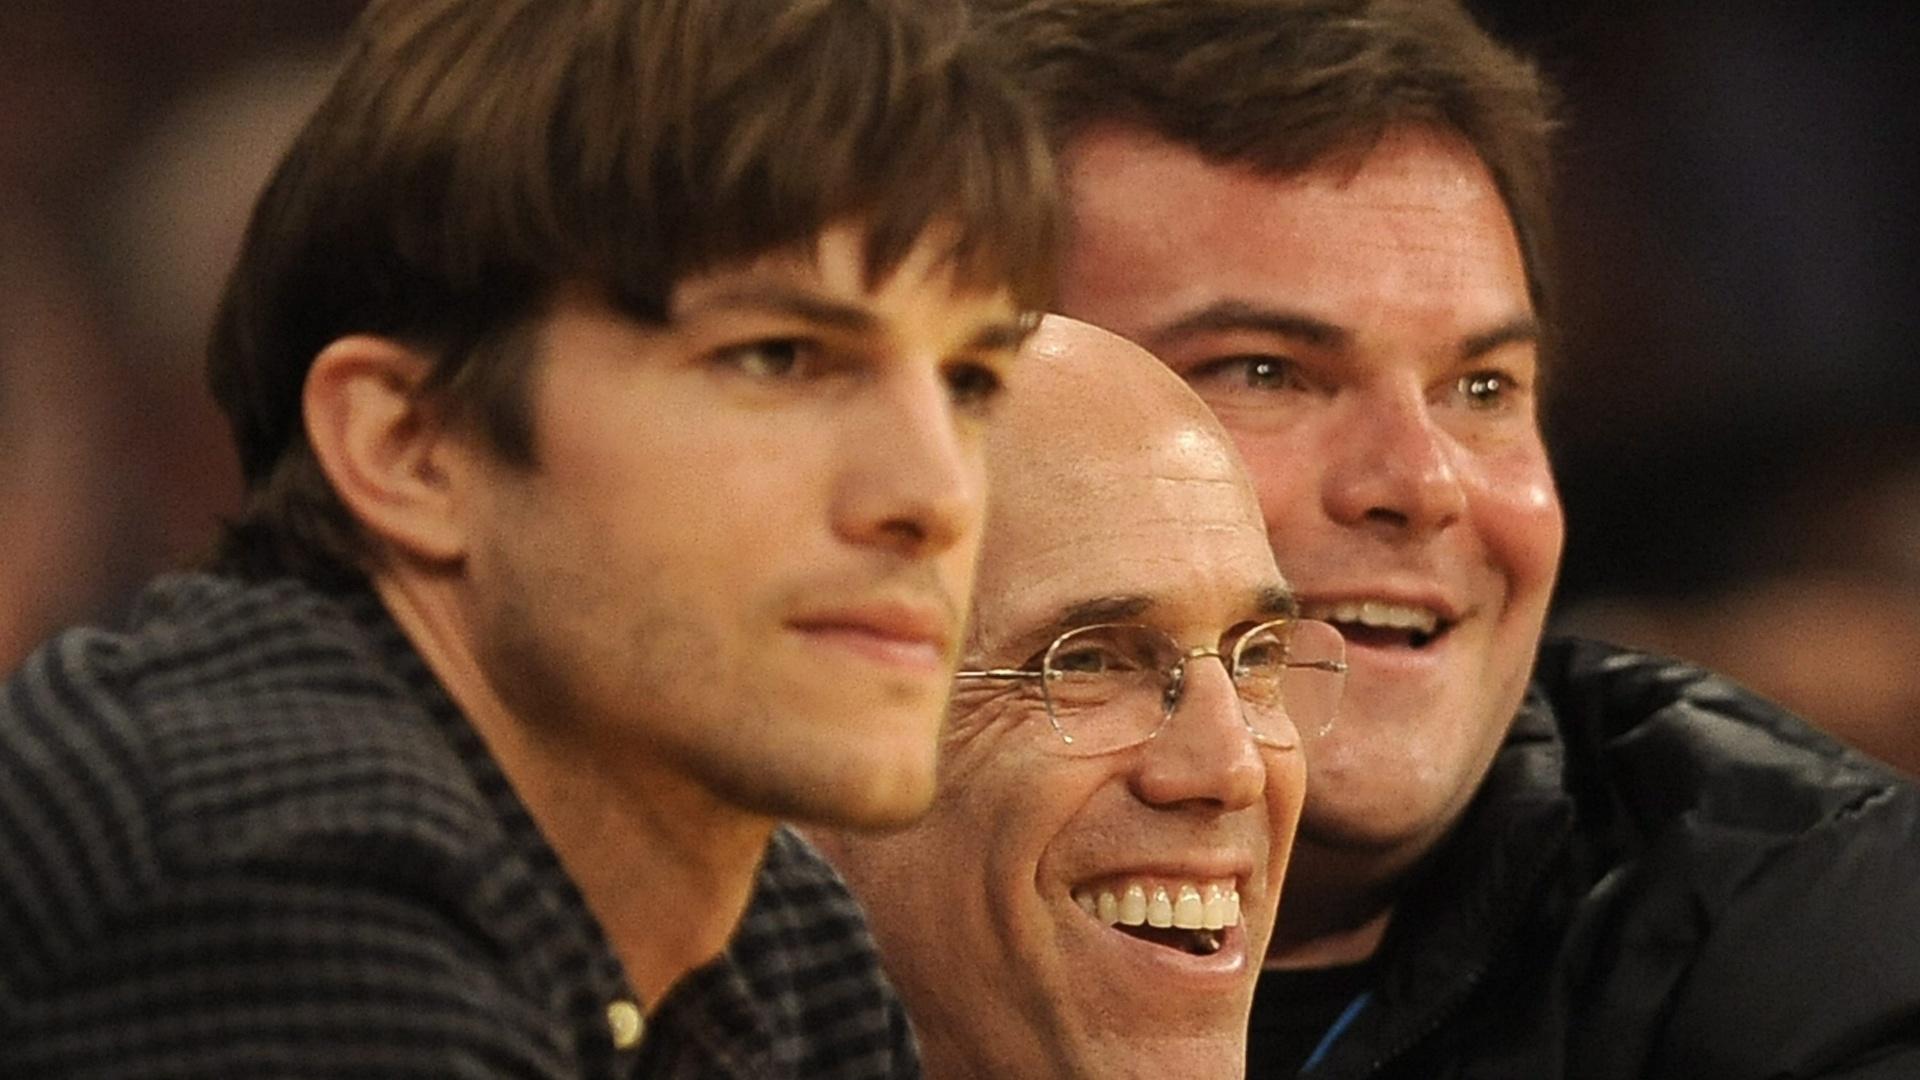 Os atores Ashton Kutcher (esq) e Jack Black (dir) acompanharam de perto o confronto entre entre Los Angeles Lakers e New Jersey Nets pela NBA